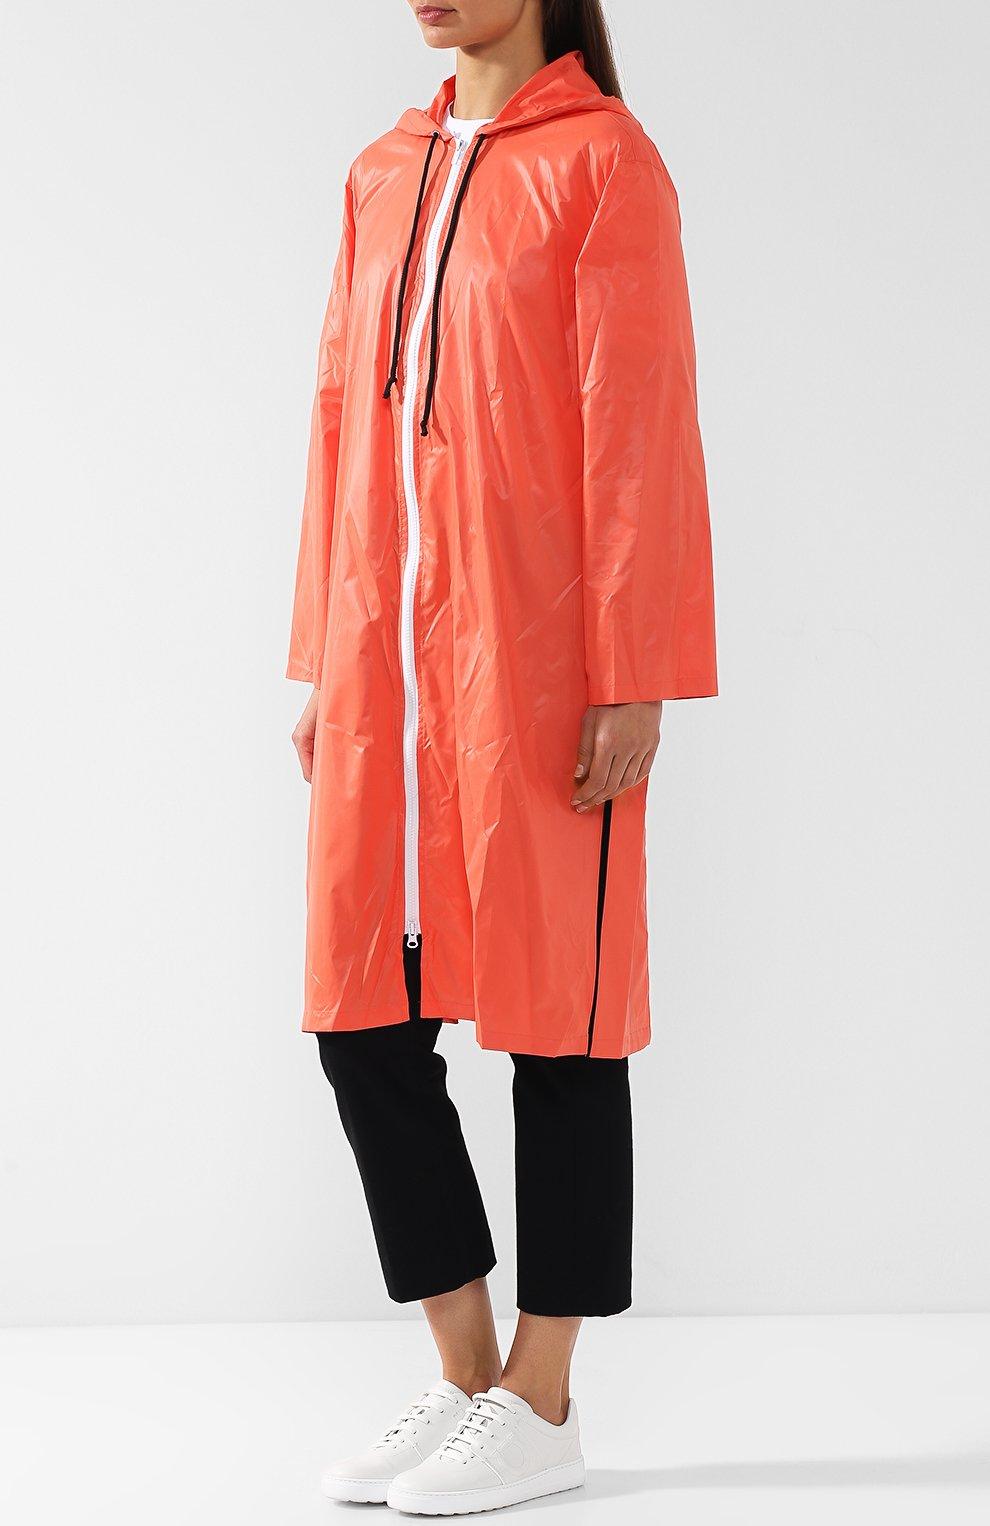 Пальто с капюшоном и полупрозрачной вставкой на спине Subterranei красного цвета | Фото №3